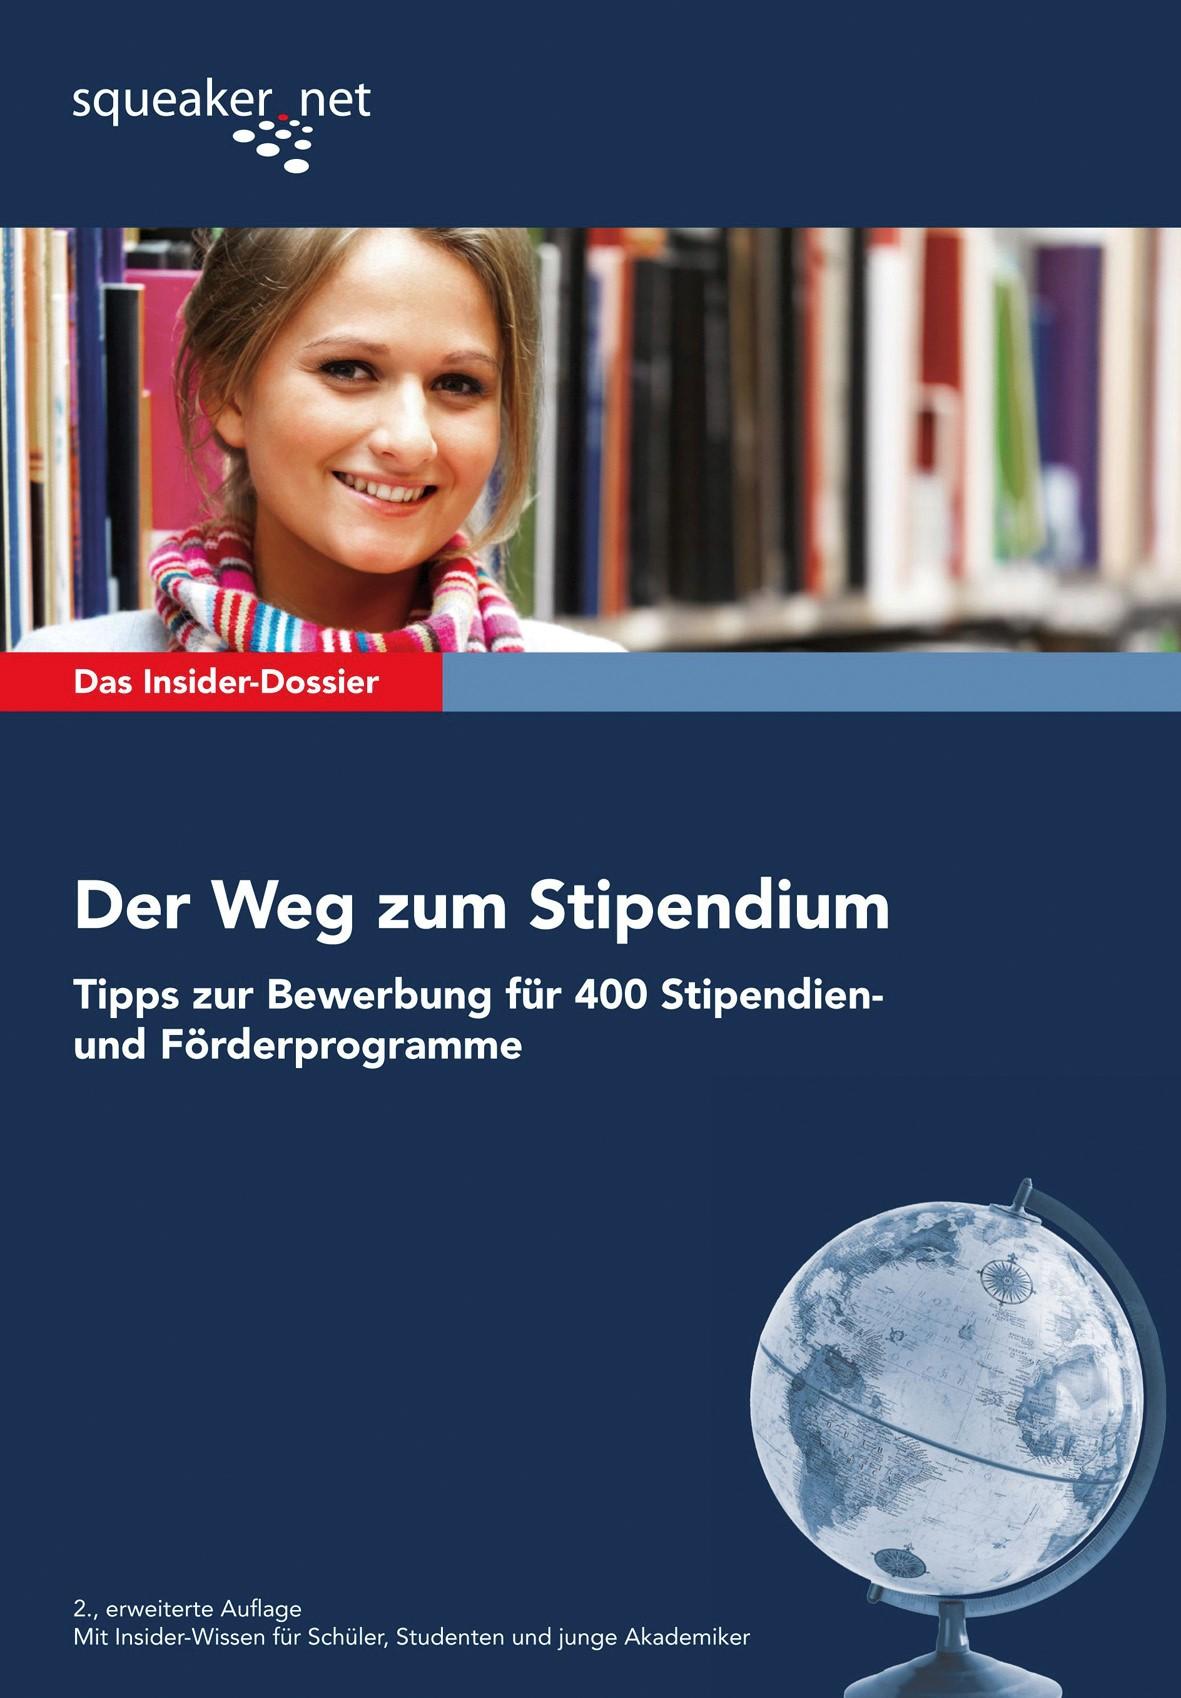 Das Insider-Dossier: Der Weg zum Stipendium | Borreck / Bruckmann | 2., erweiterte Auflage, 2011 | Buch (Cover)